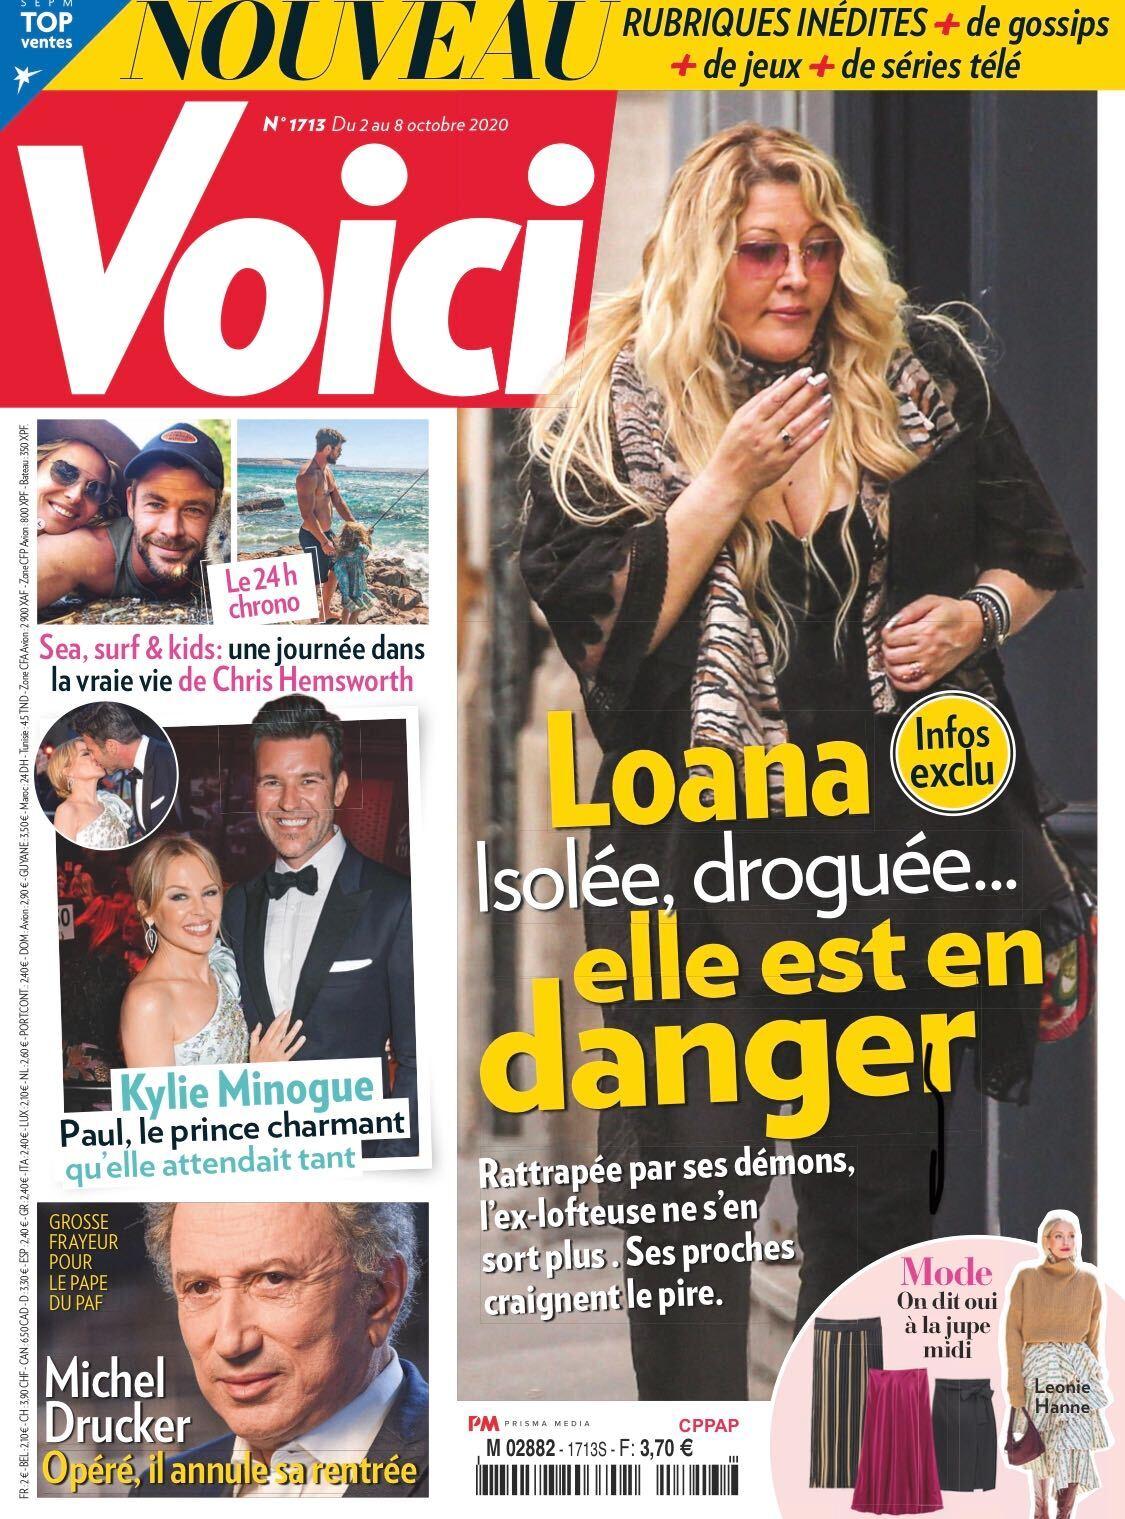 Loana en danger :